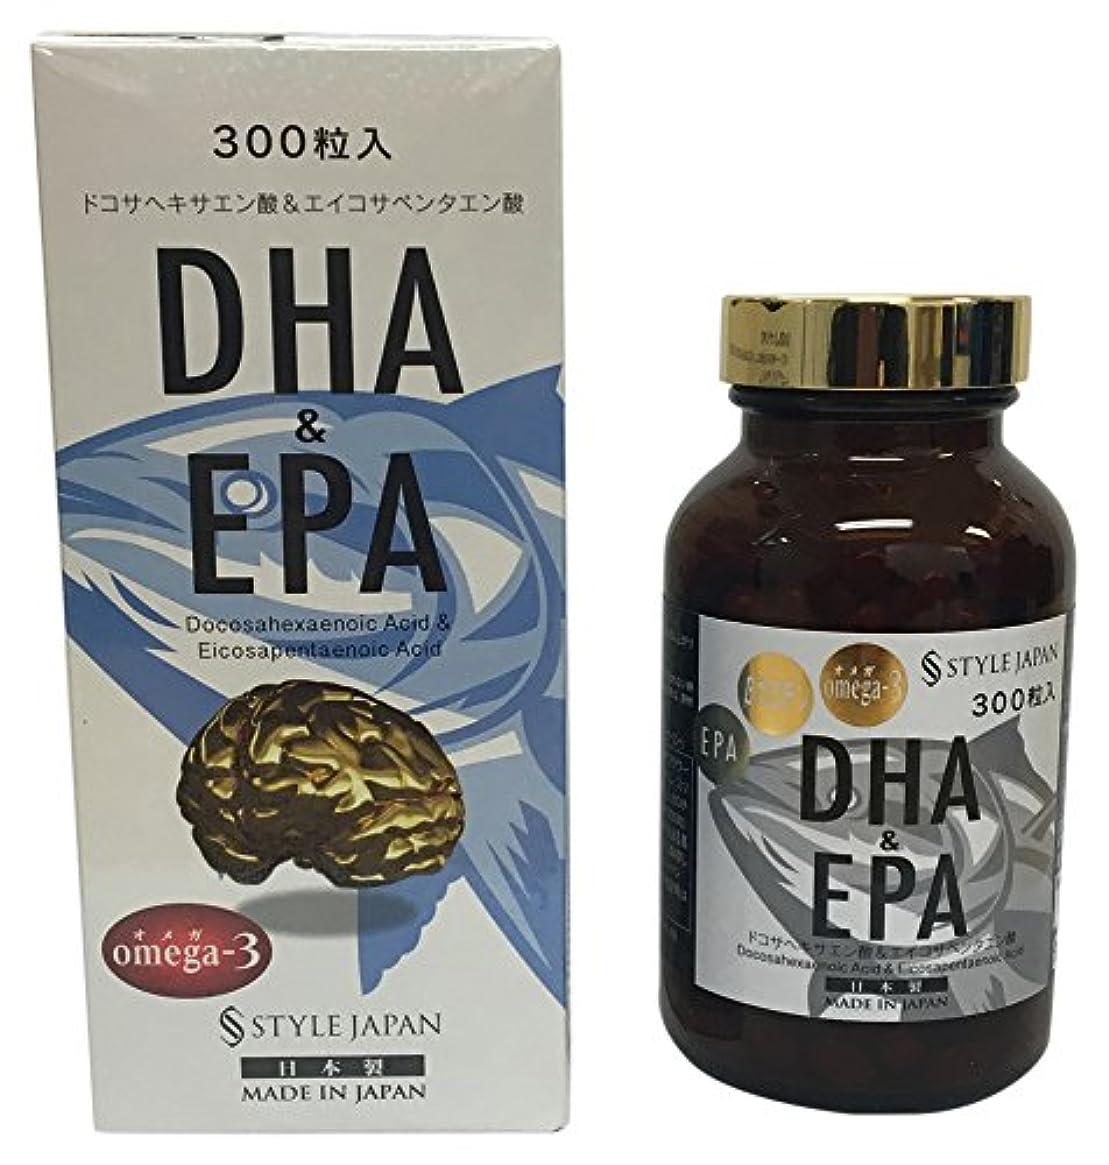 パッケージアクティビティ真実スタイルジャパン DHA&EPA 300粒 90g 日本製